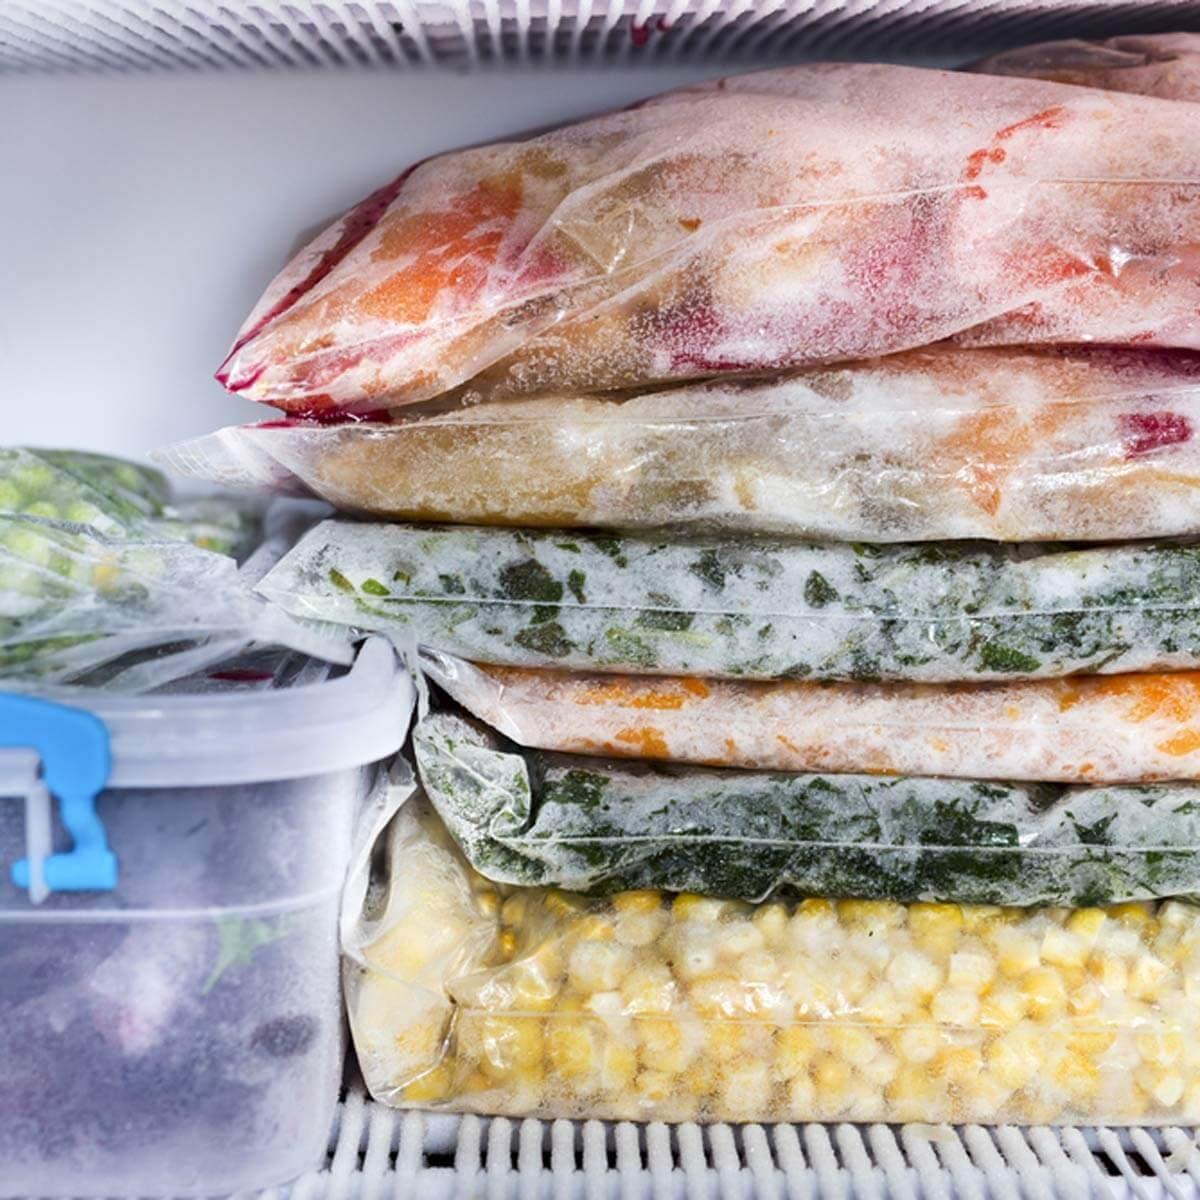 freezer frozen food